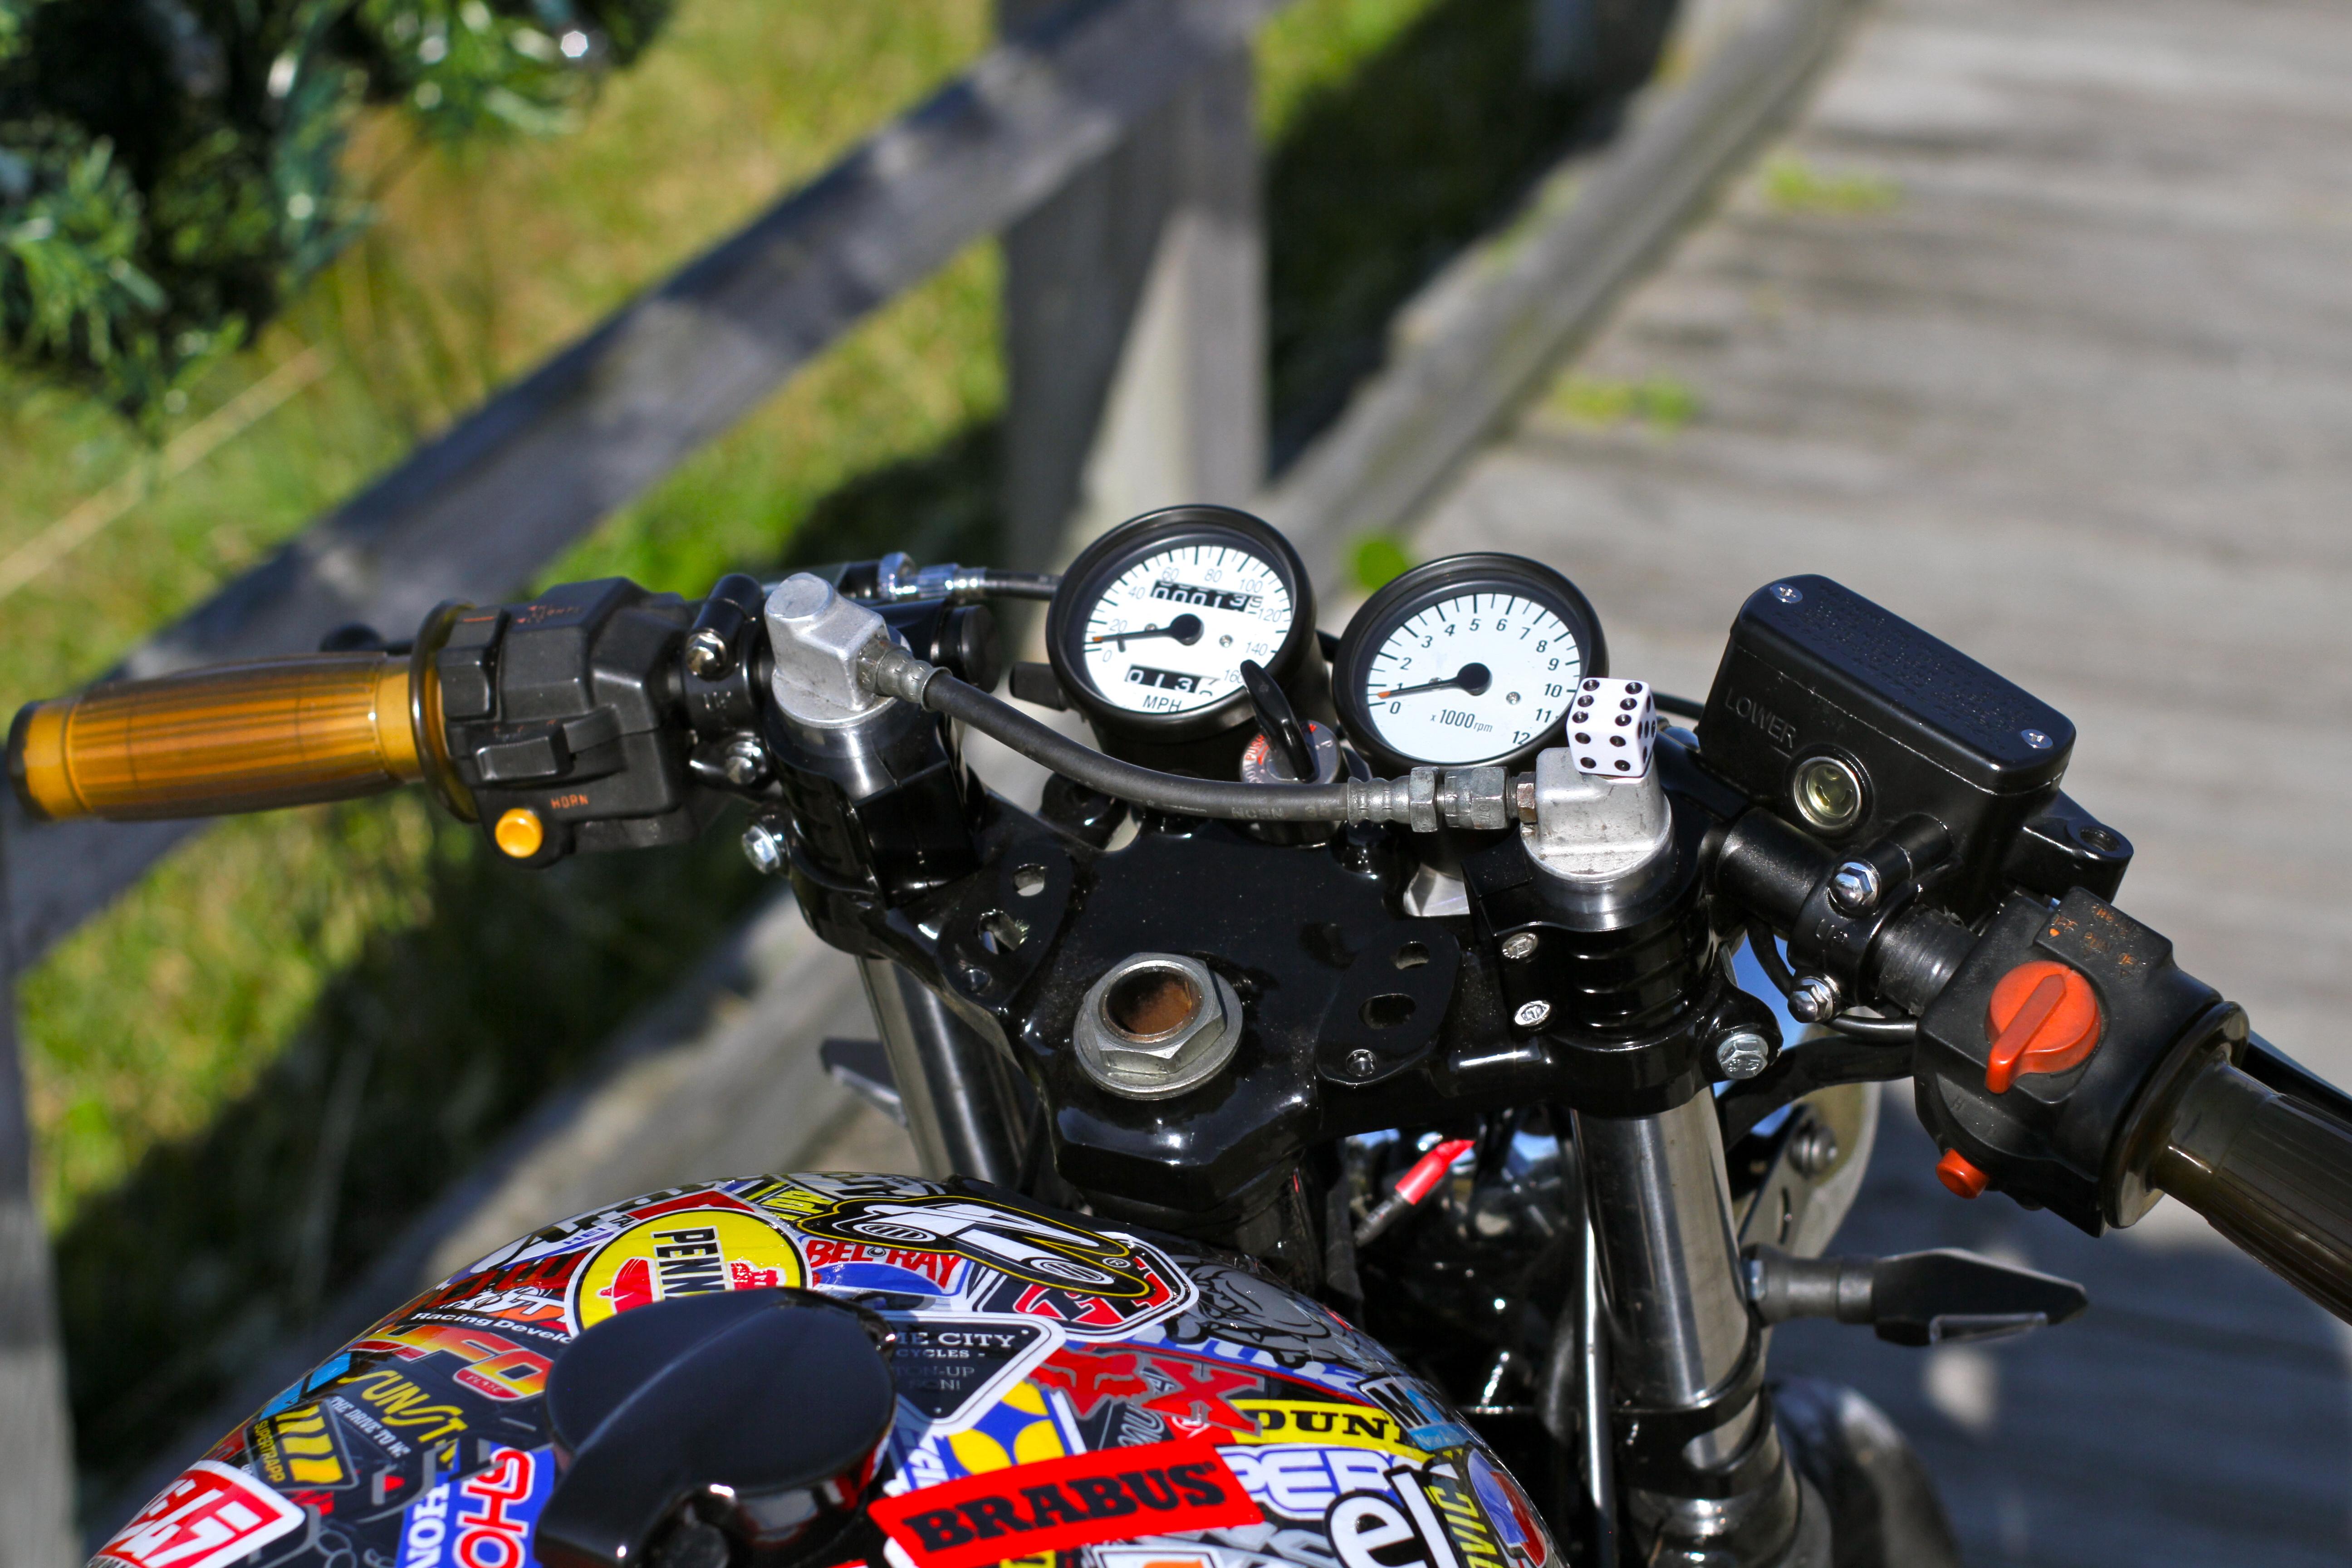 Honda CB750 Cafe' Racer